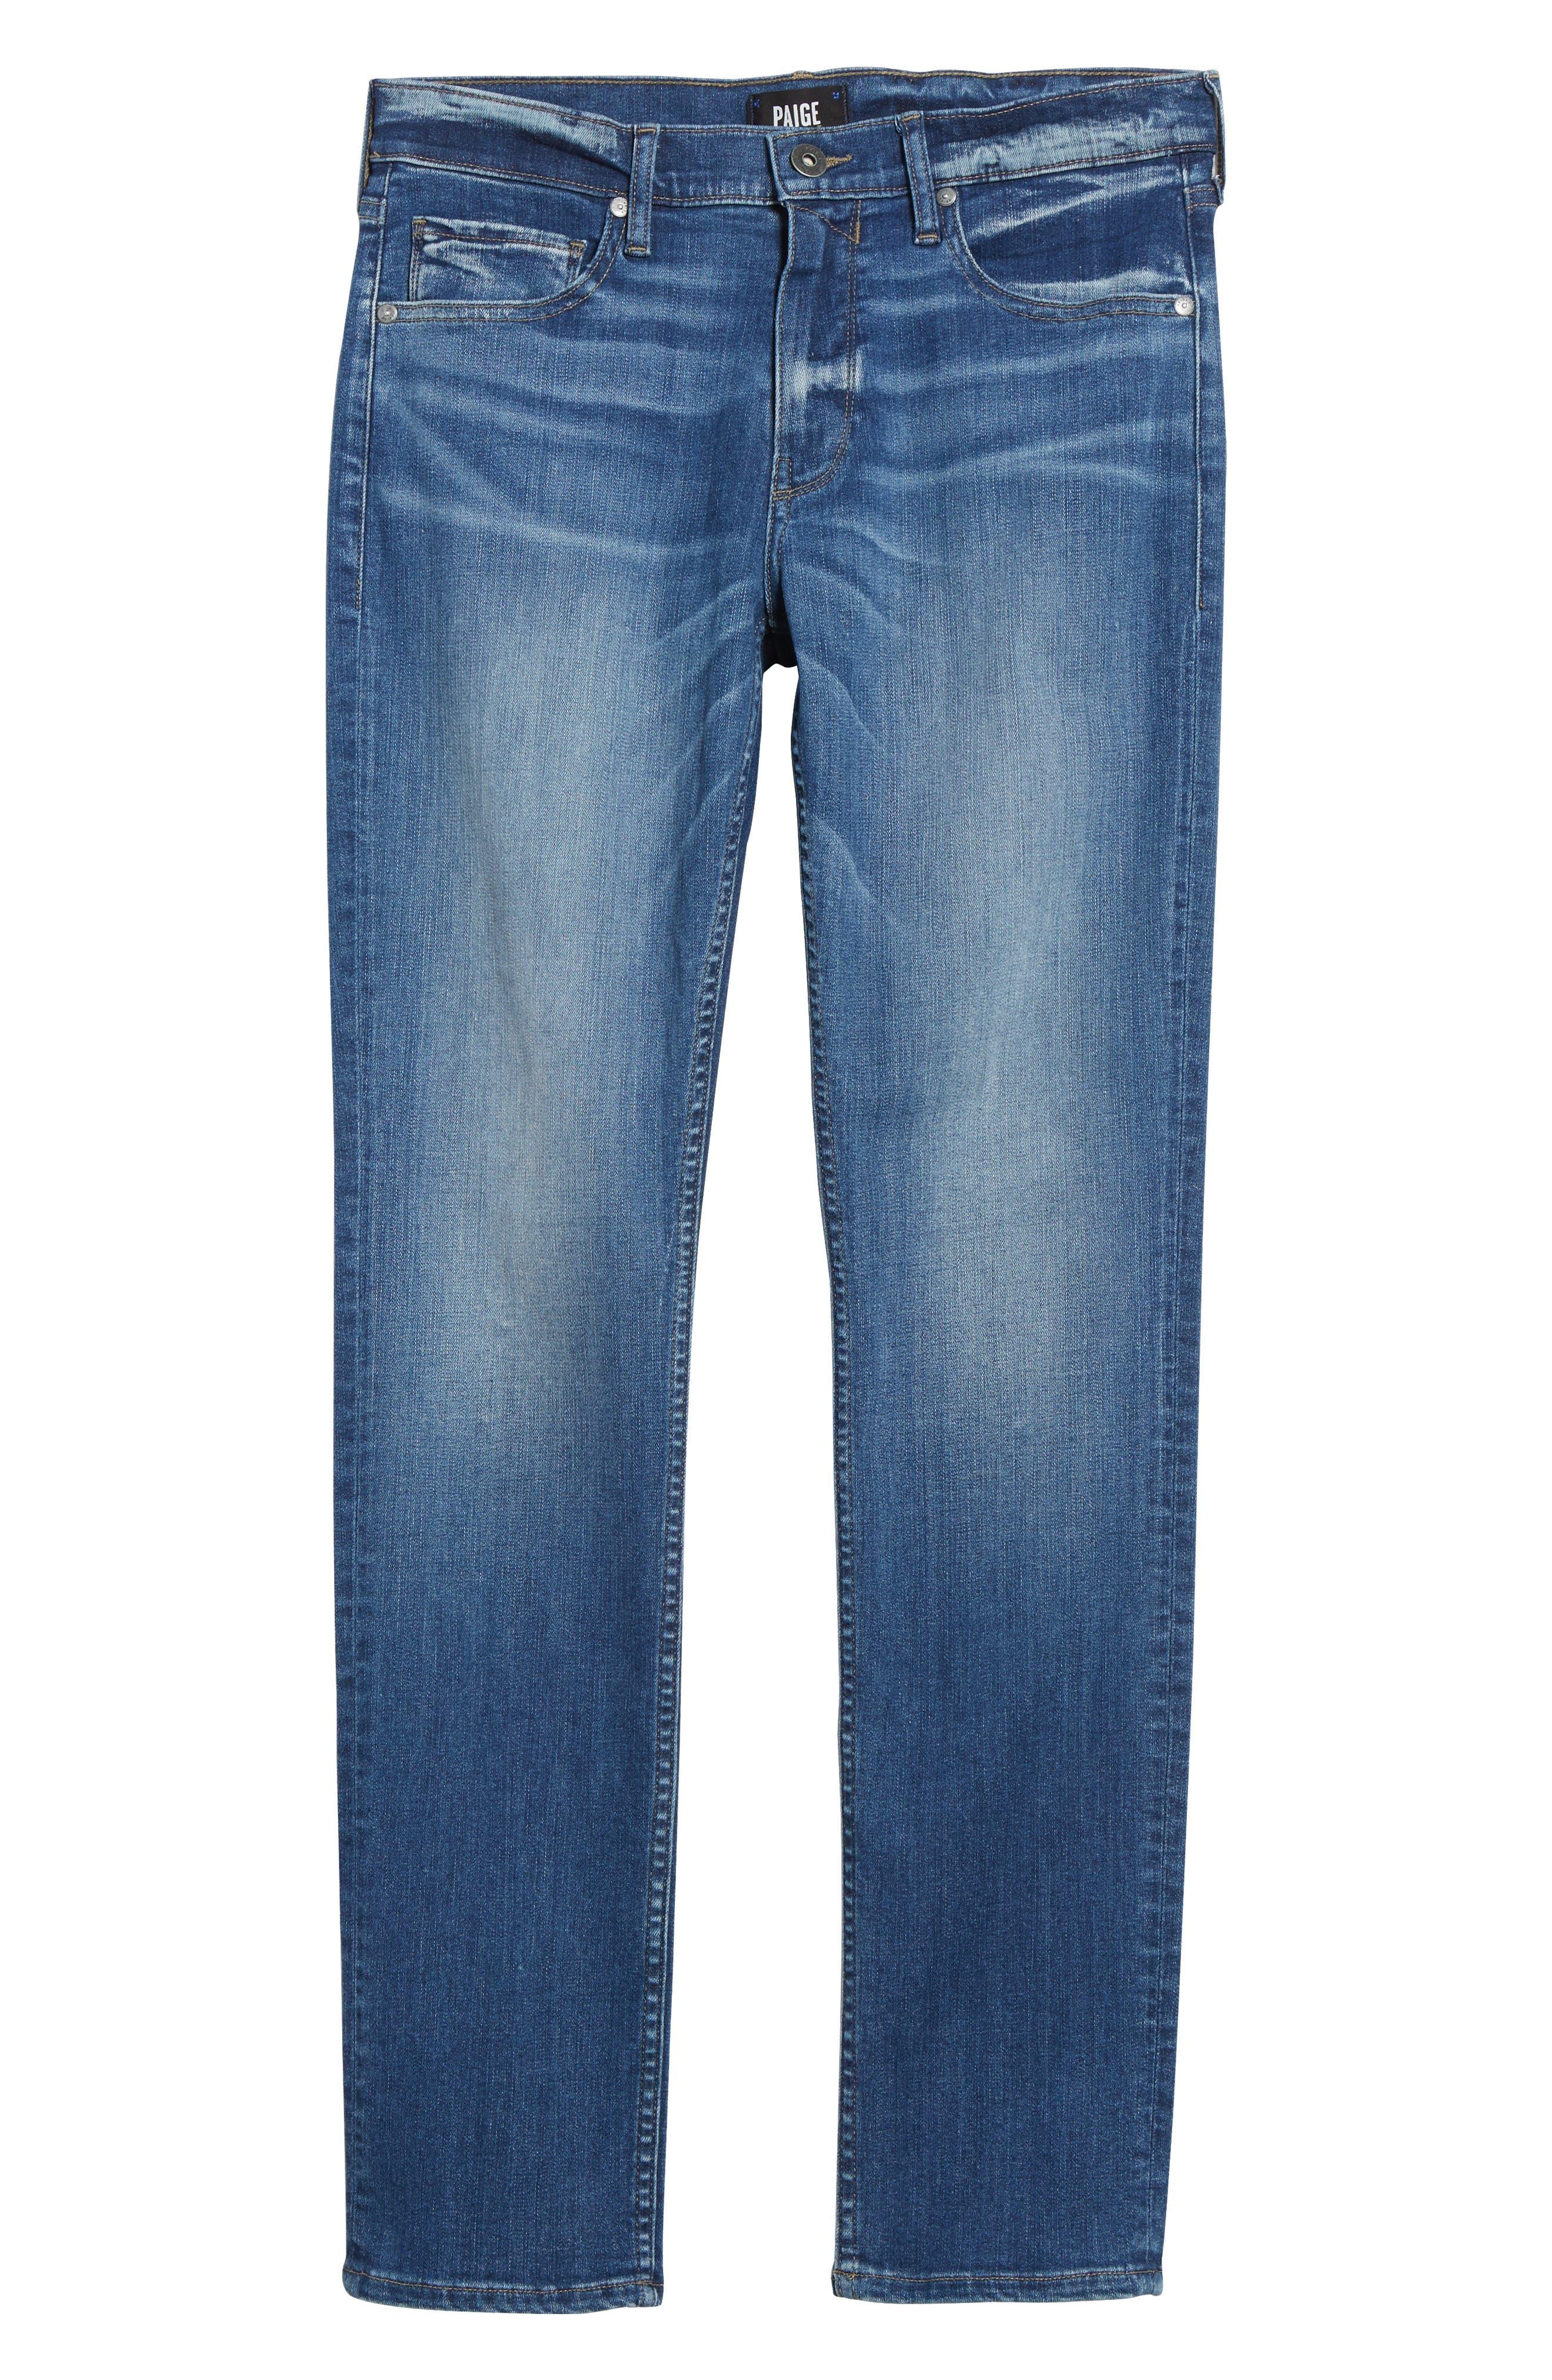 PAIGE, Transcend - Lennox Slim Fit Jeans, Alternate thumbnail 7, color, MULHOLLAND